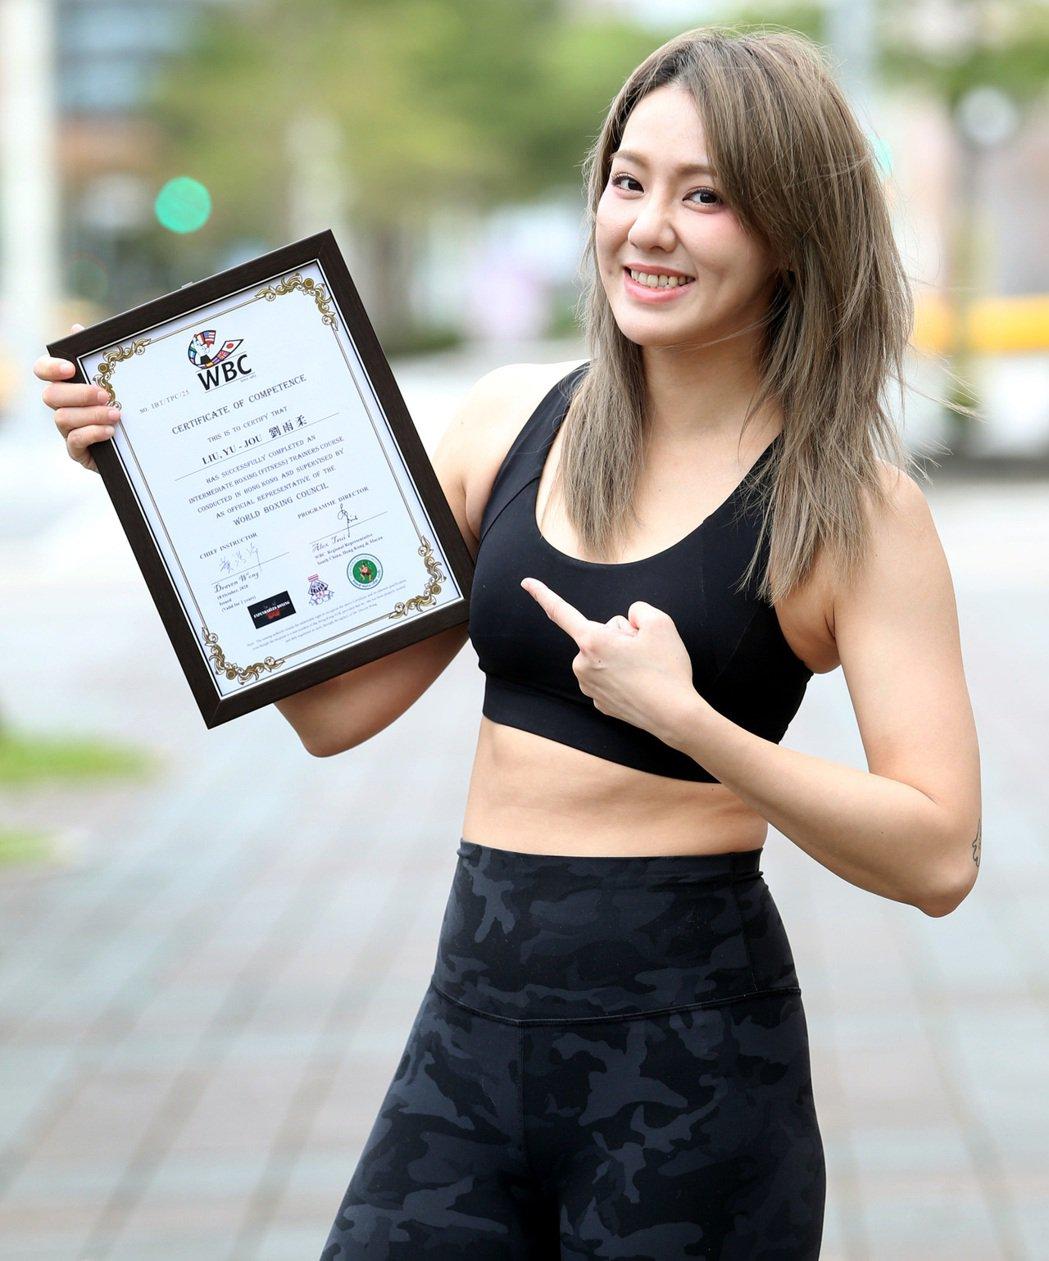 劉雨柔考取拳擊教練證照,預計明年開設健身房。記者侯永全/攝影